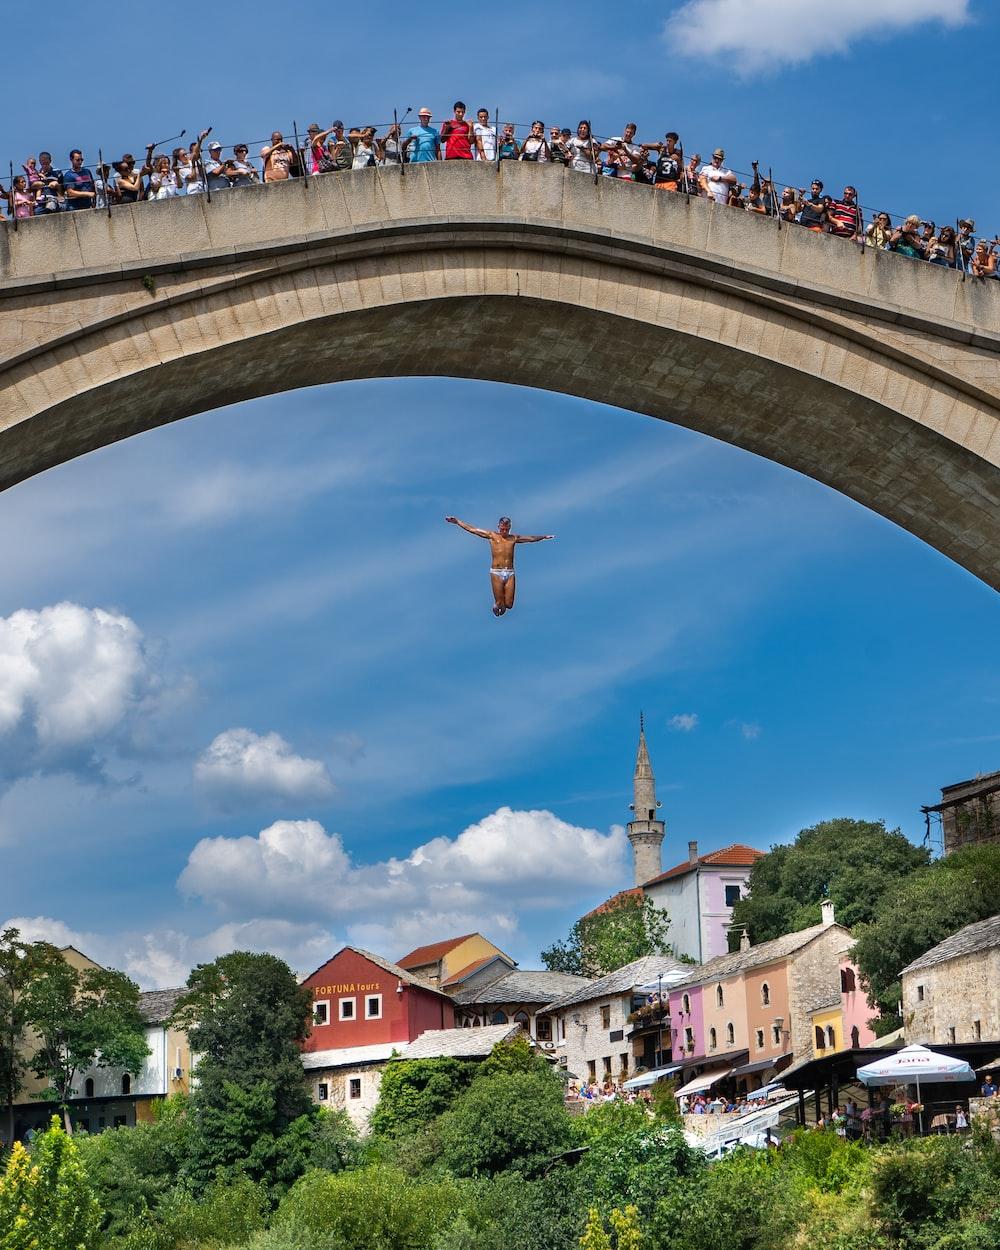 people on bridge at daytime